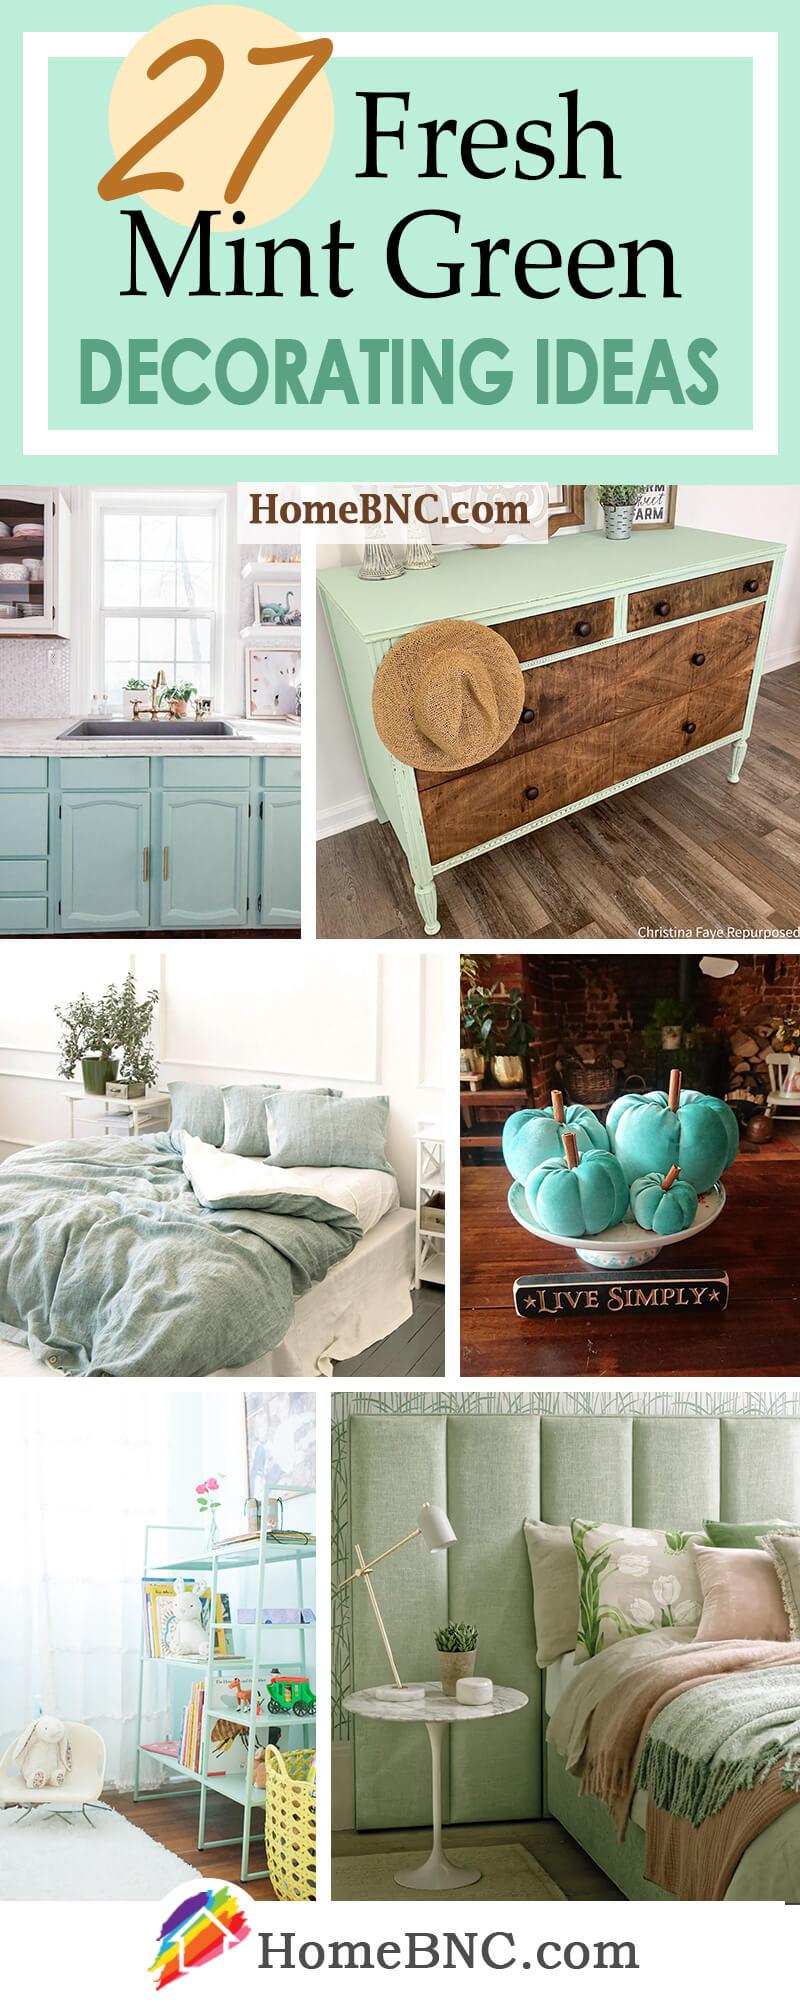 Best Mint Green Home Decor Ideas